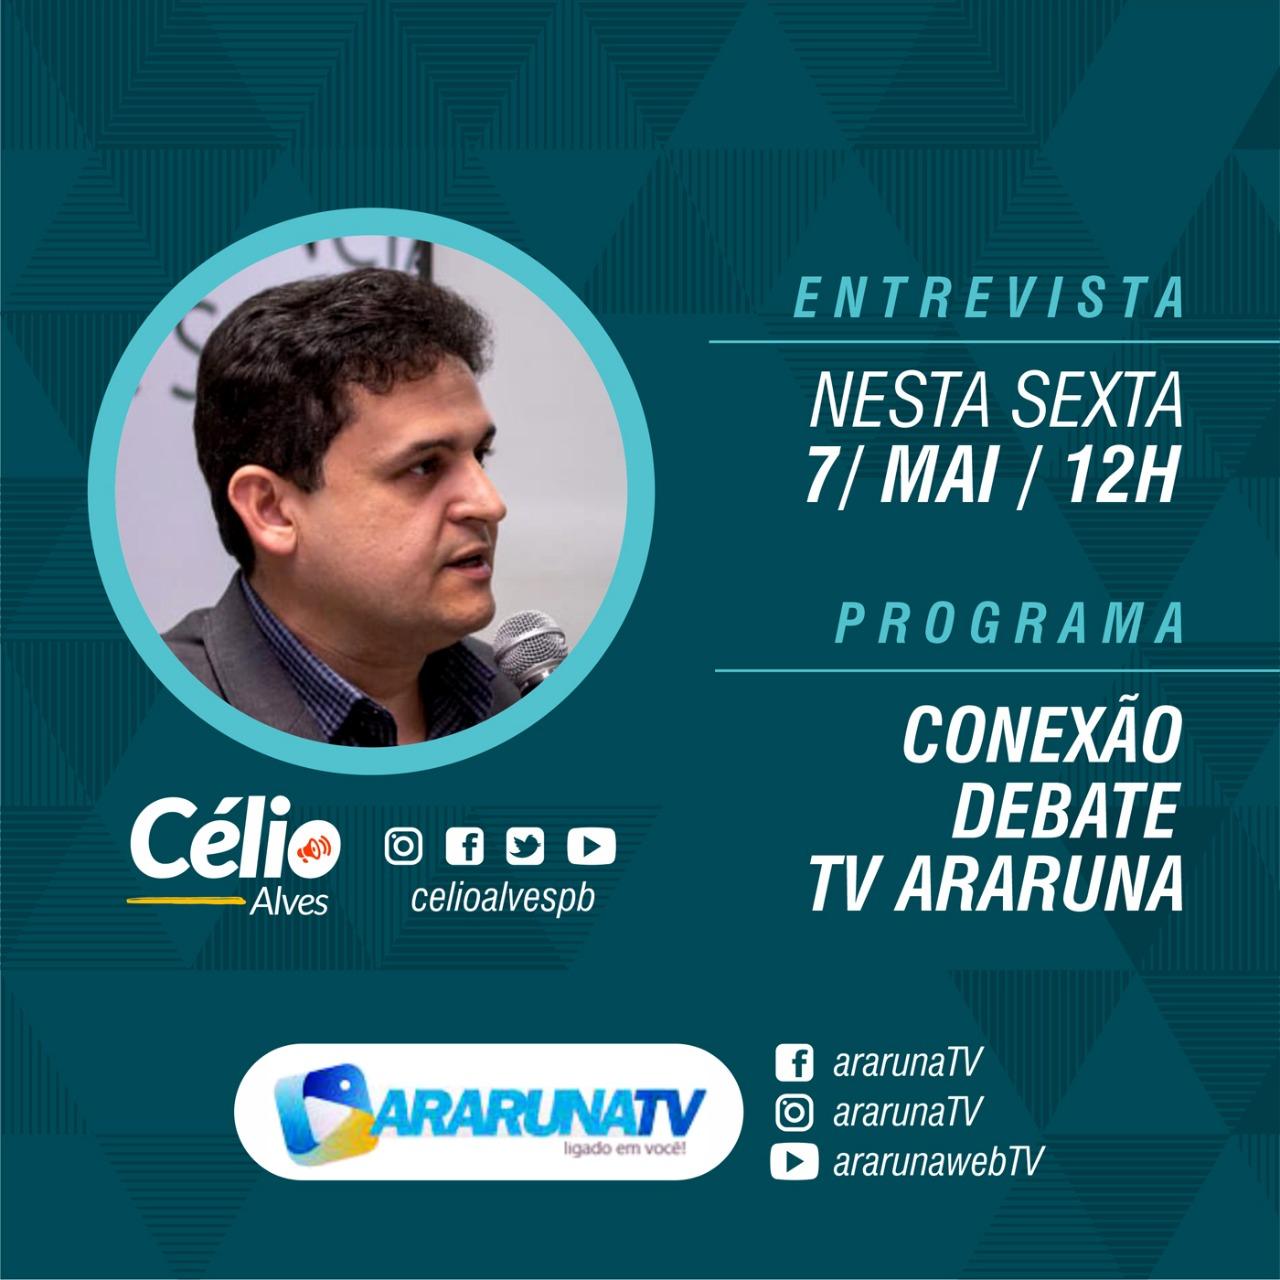 Secretário do Orçamento Democrático Estadual, Célio Alves concede entrevista ao vivo nesta sexta à ArarunaTV